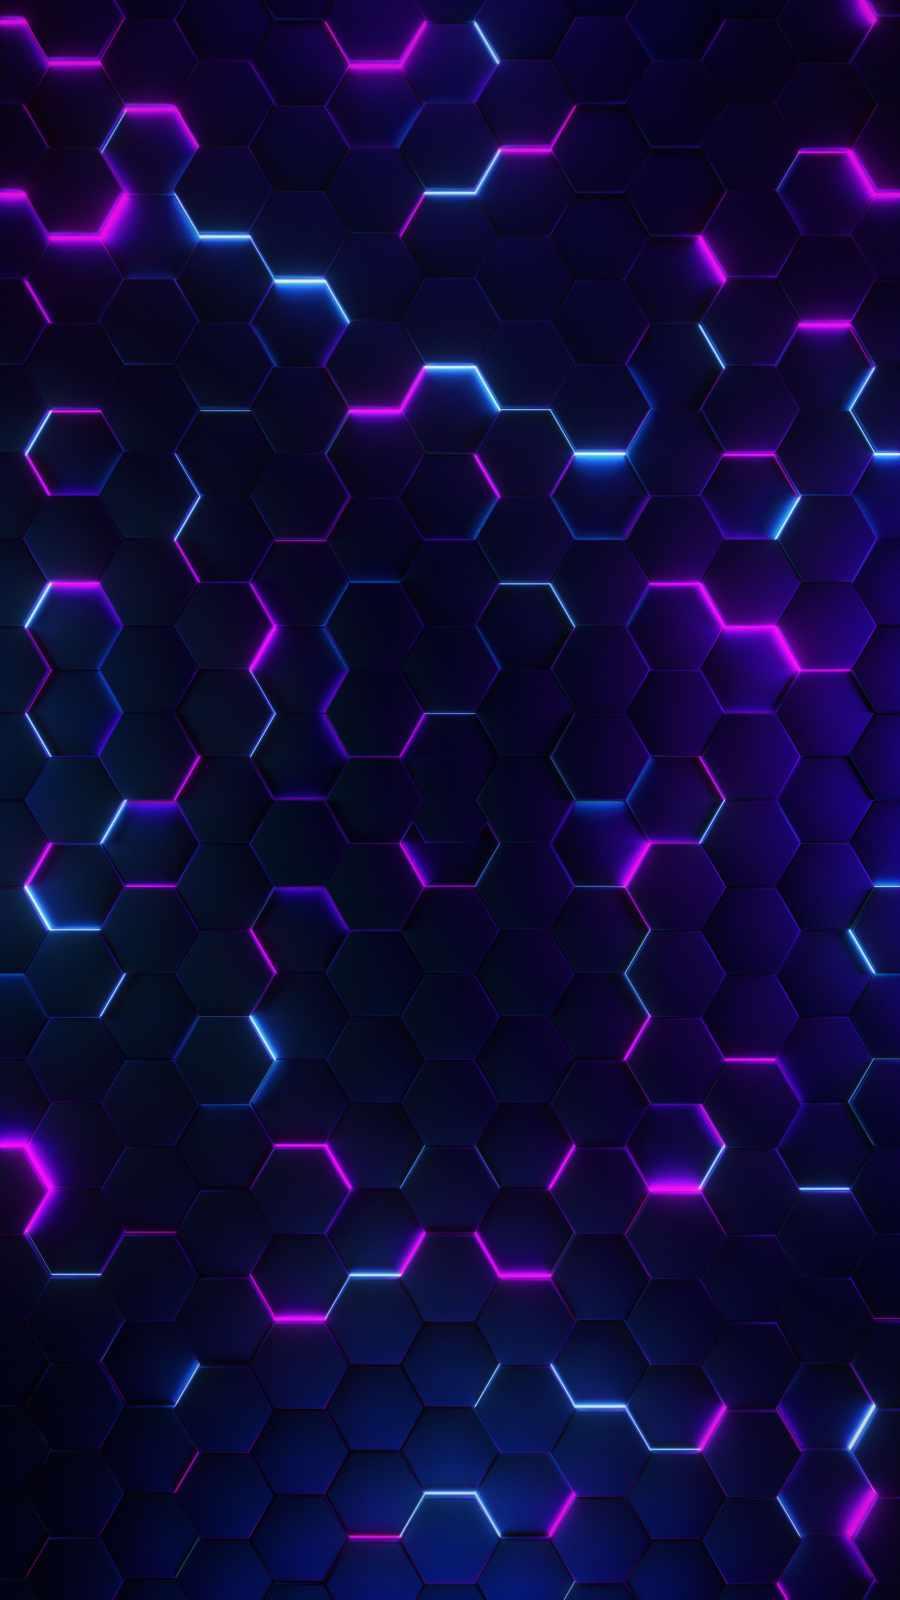 Neon Hexagon Art